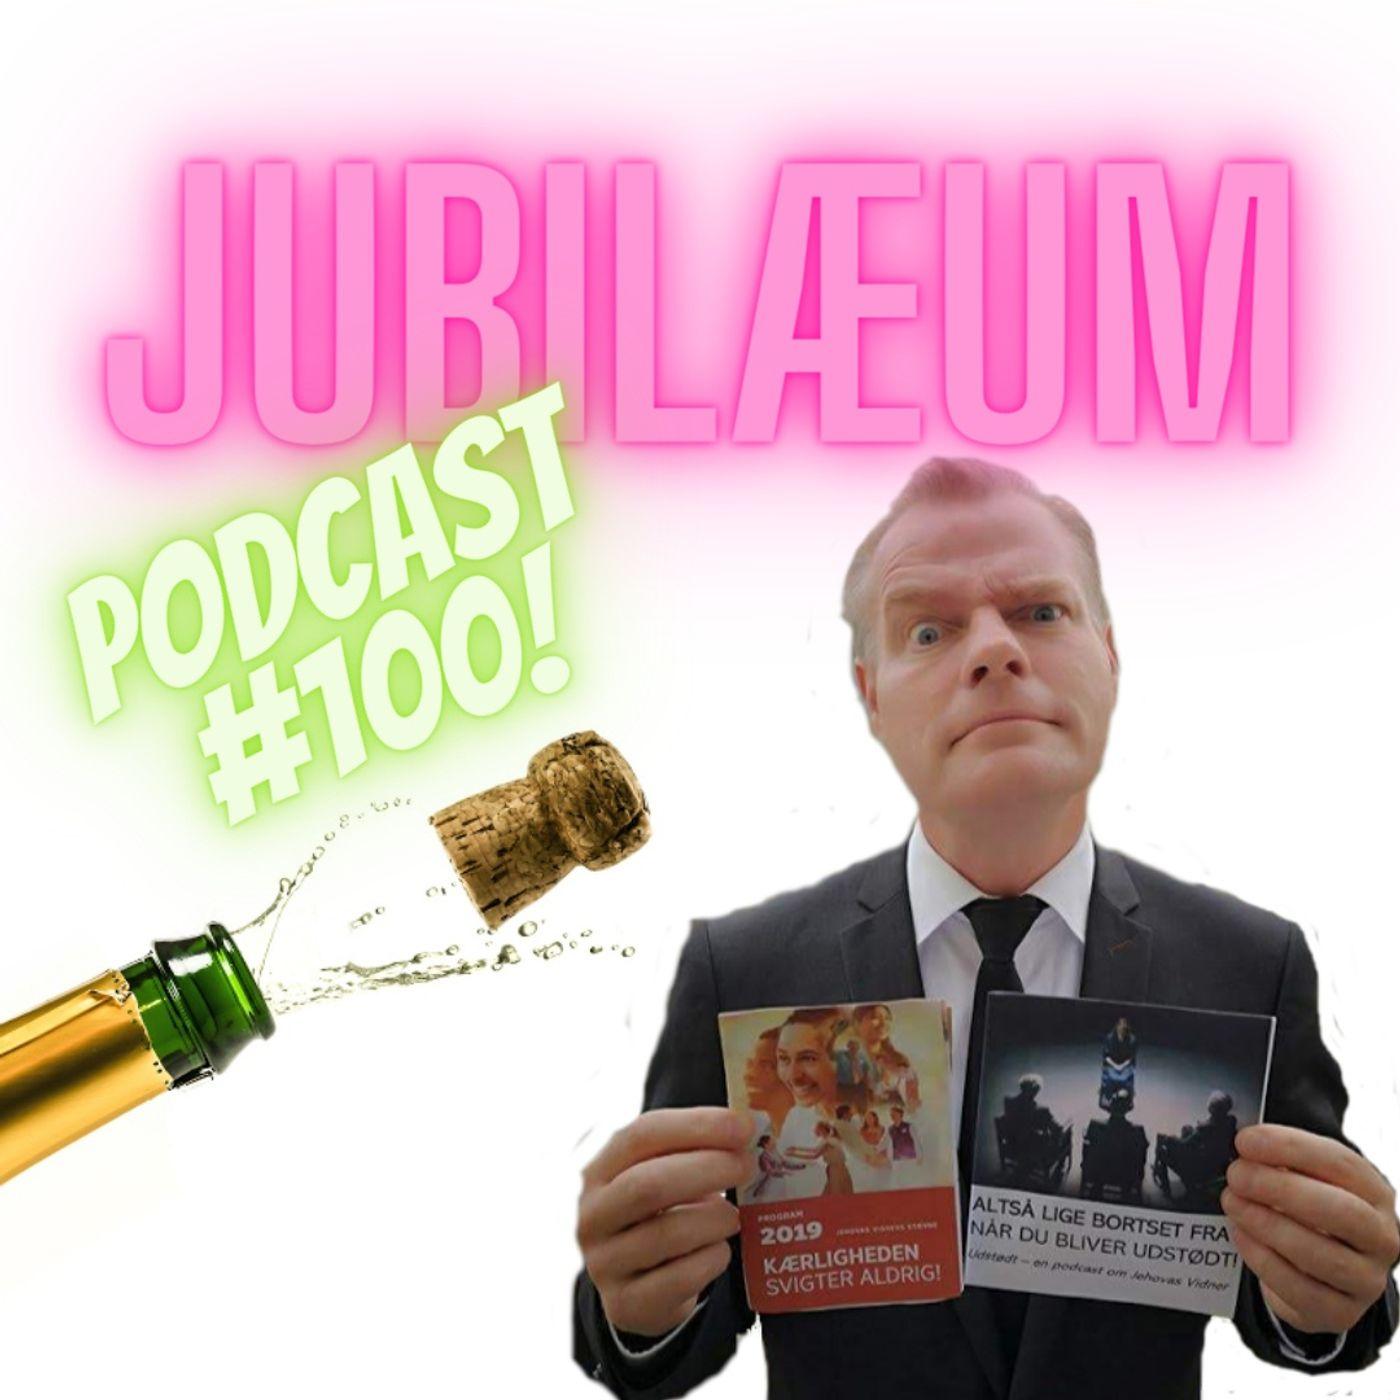 #100 JUBILÆUM for nr 100 podcast OG 25 år i frihed!